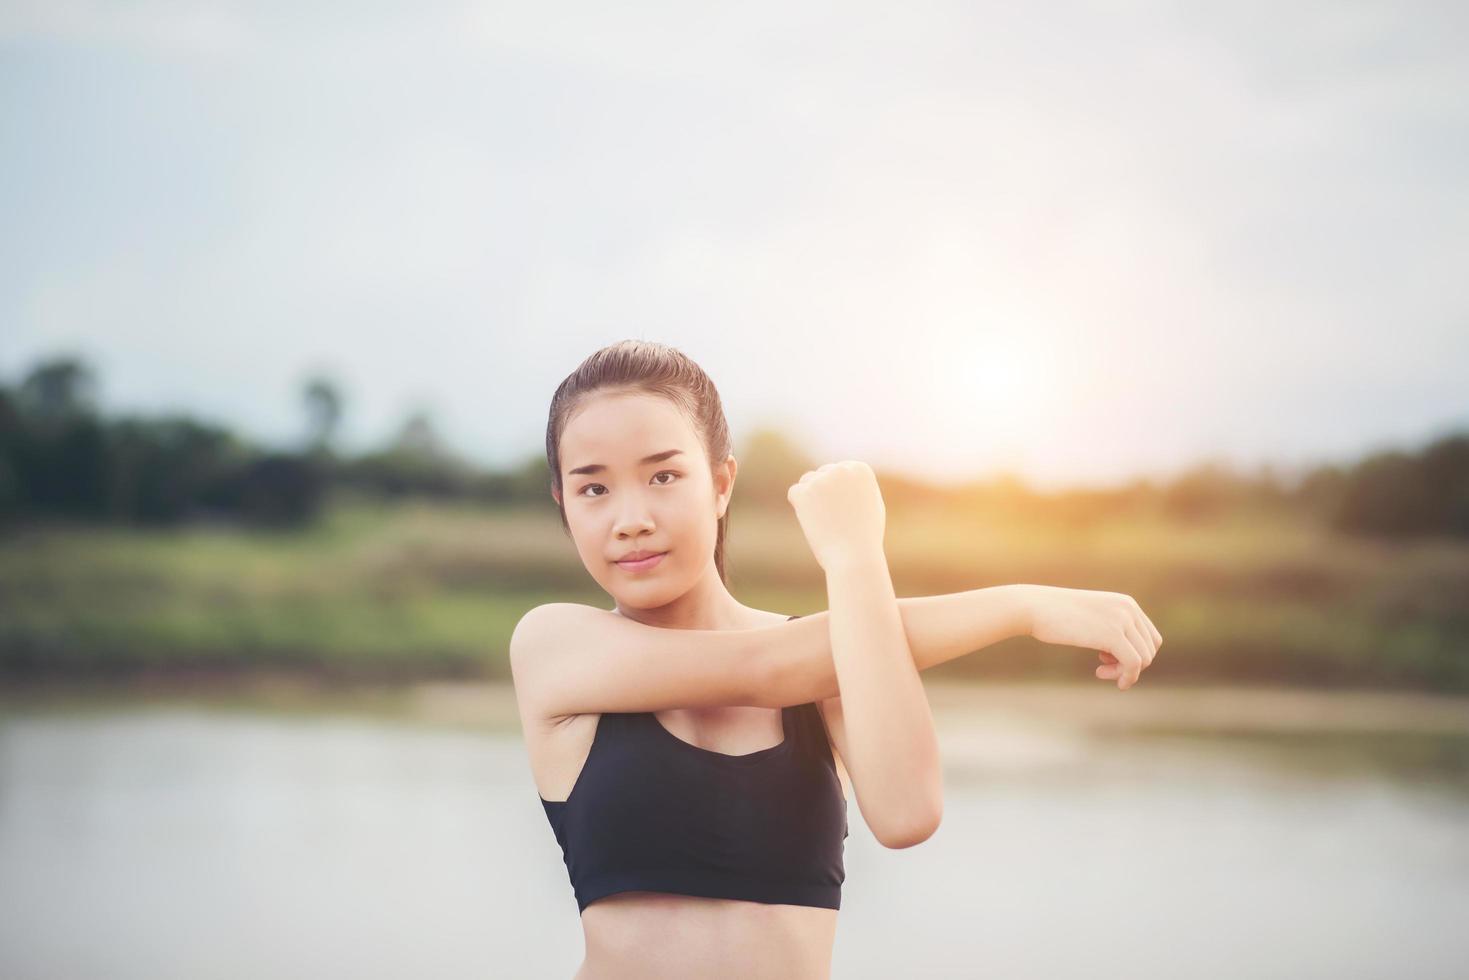 Mujer joven sana calentando al aire libre para entrenar foto